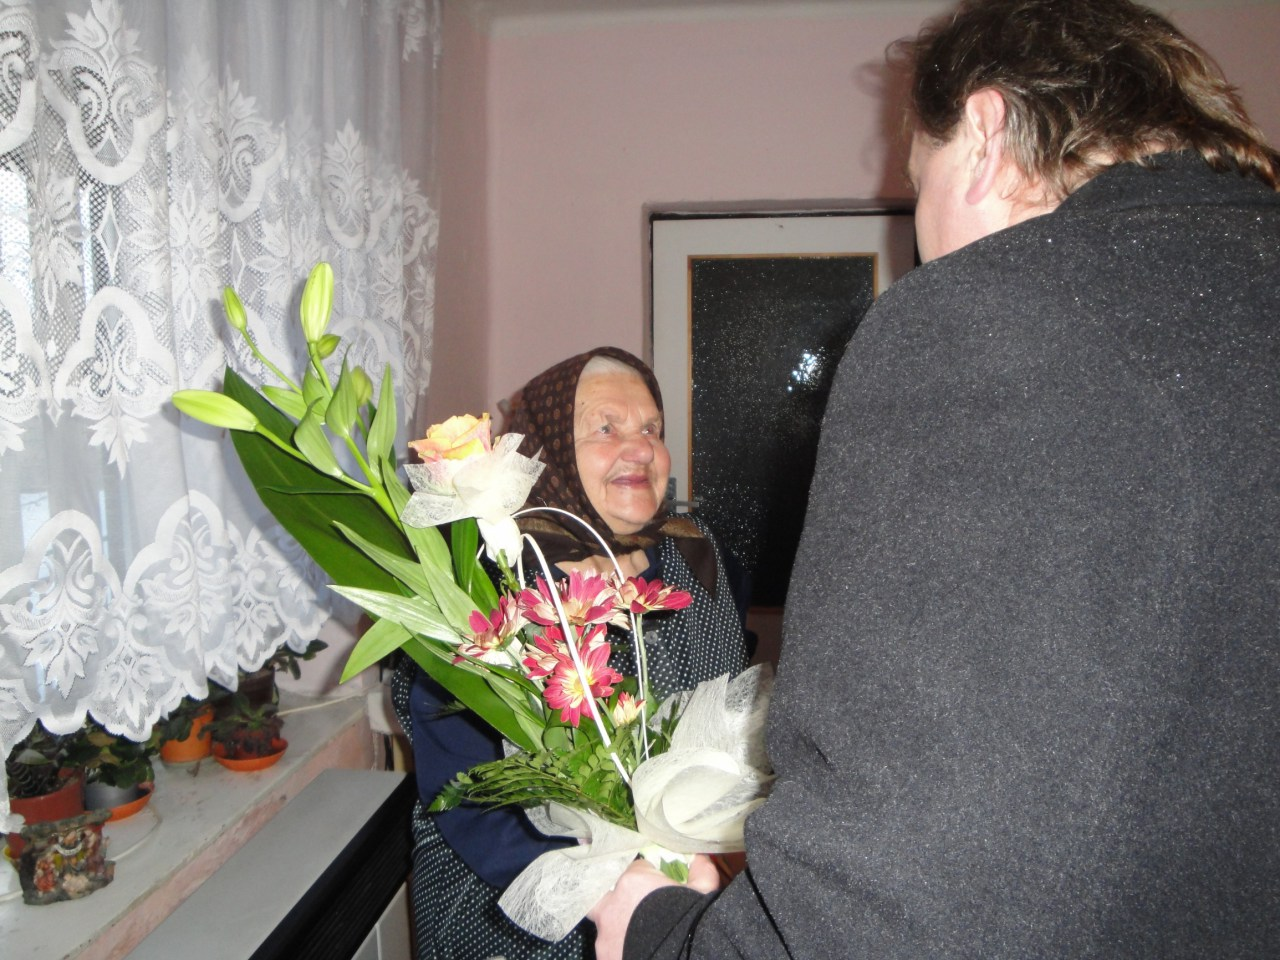 4a51bac34 Fotogaléria - Životné jubileá 90 rokov občanov obce Rochovce v ...